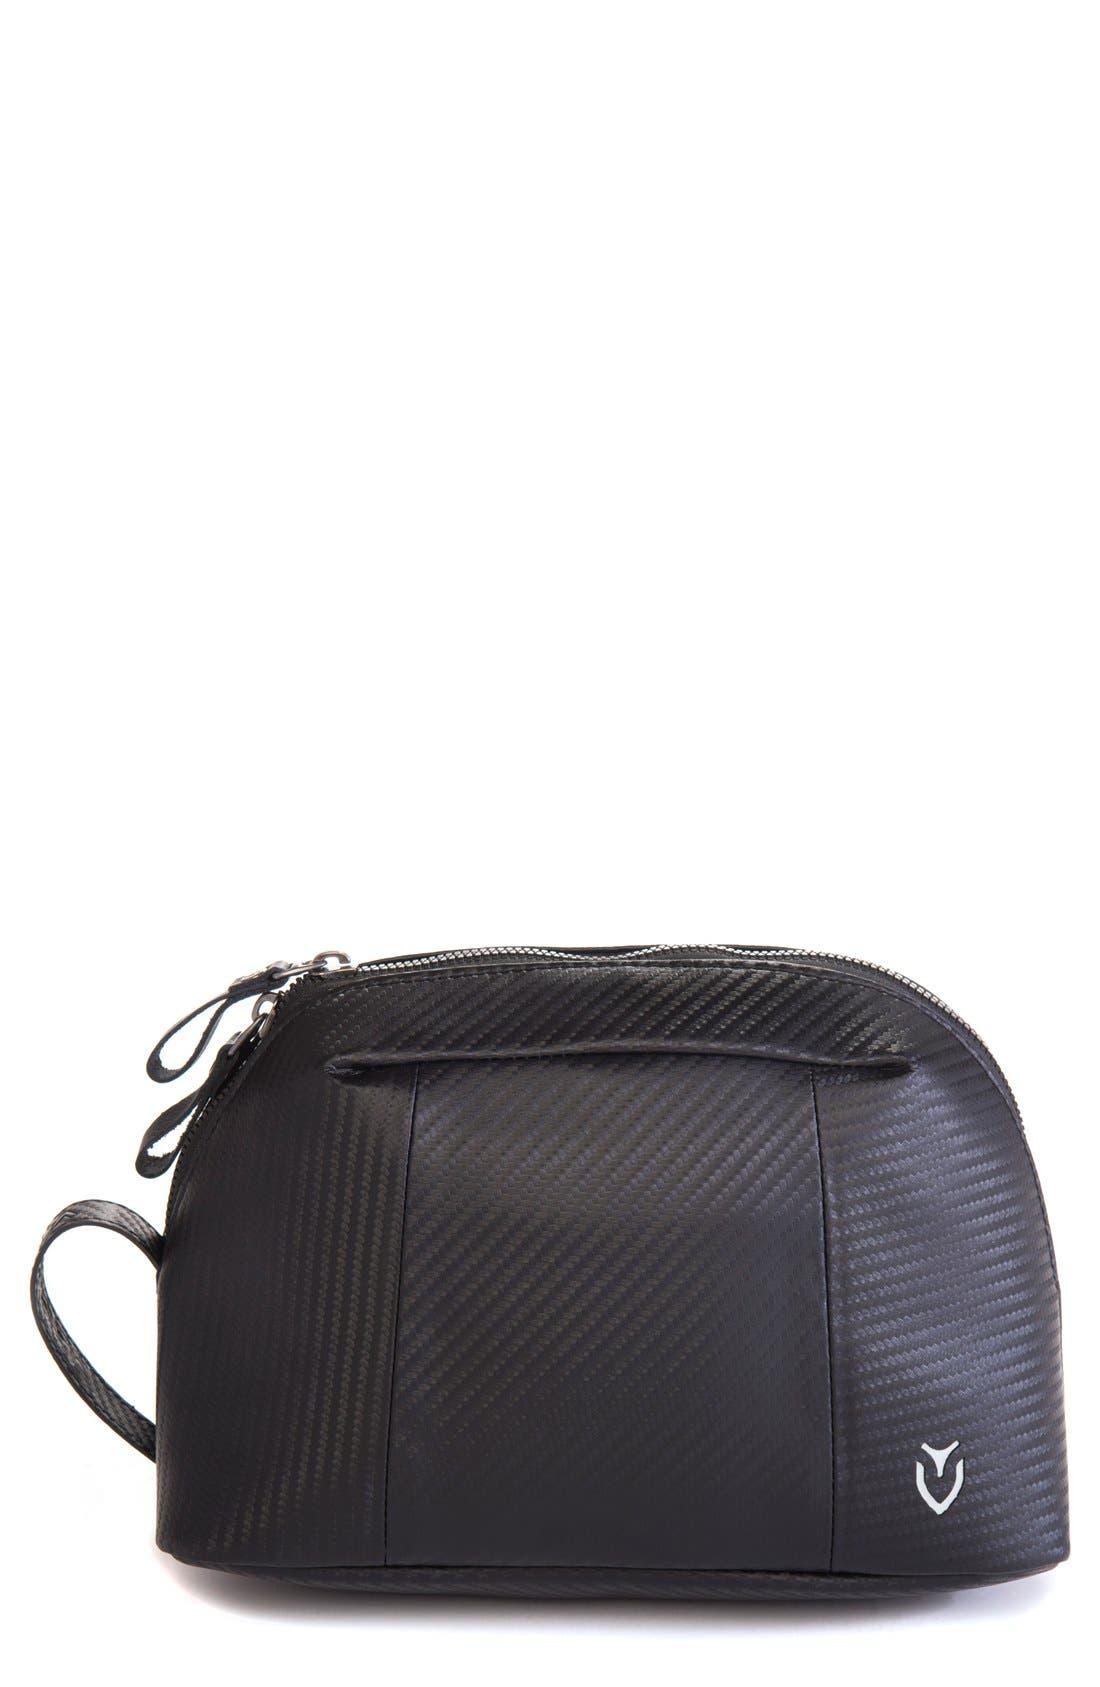 'Signature' Travel Case,                         Main,                         color, Carbon Black